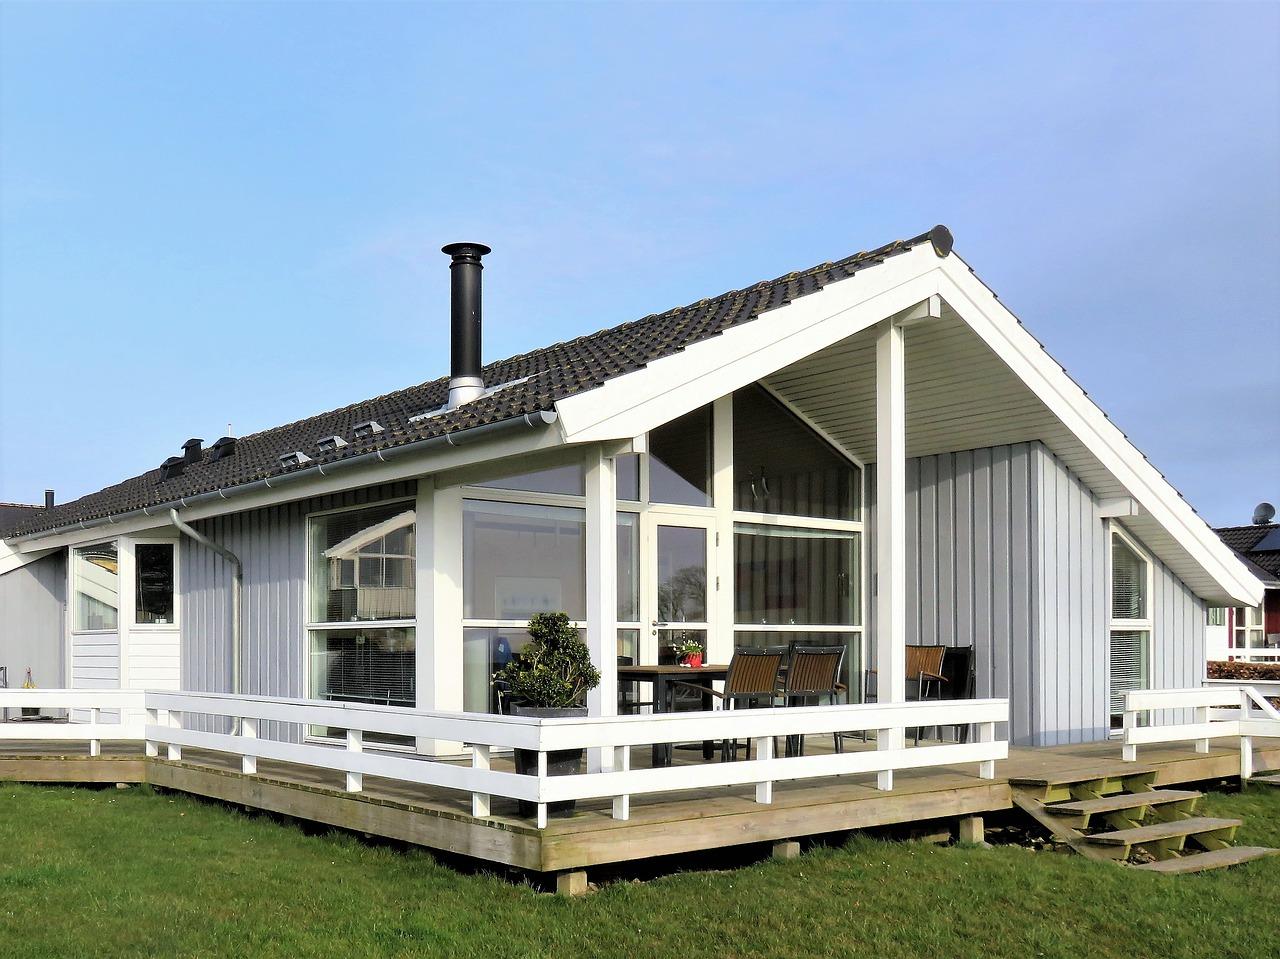 Dom szkieletowy skandynawski - dom w cenie mieszkania